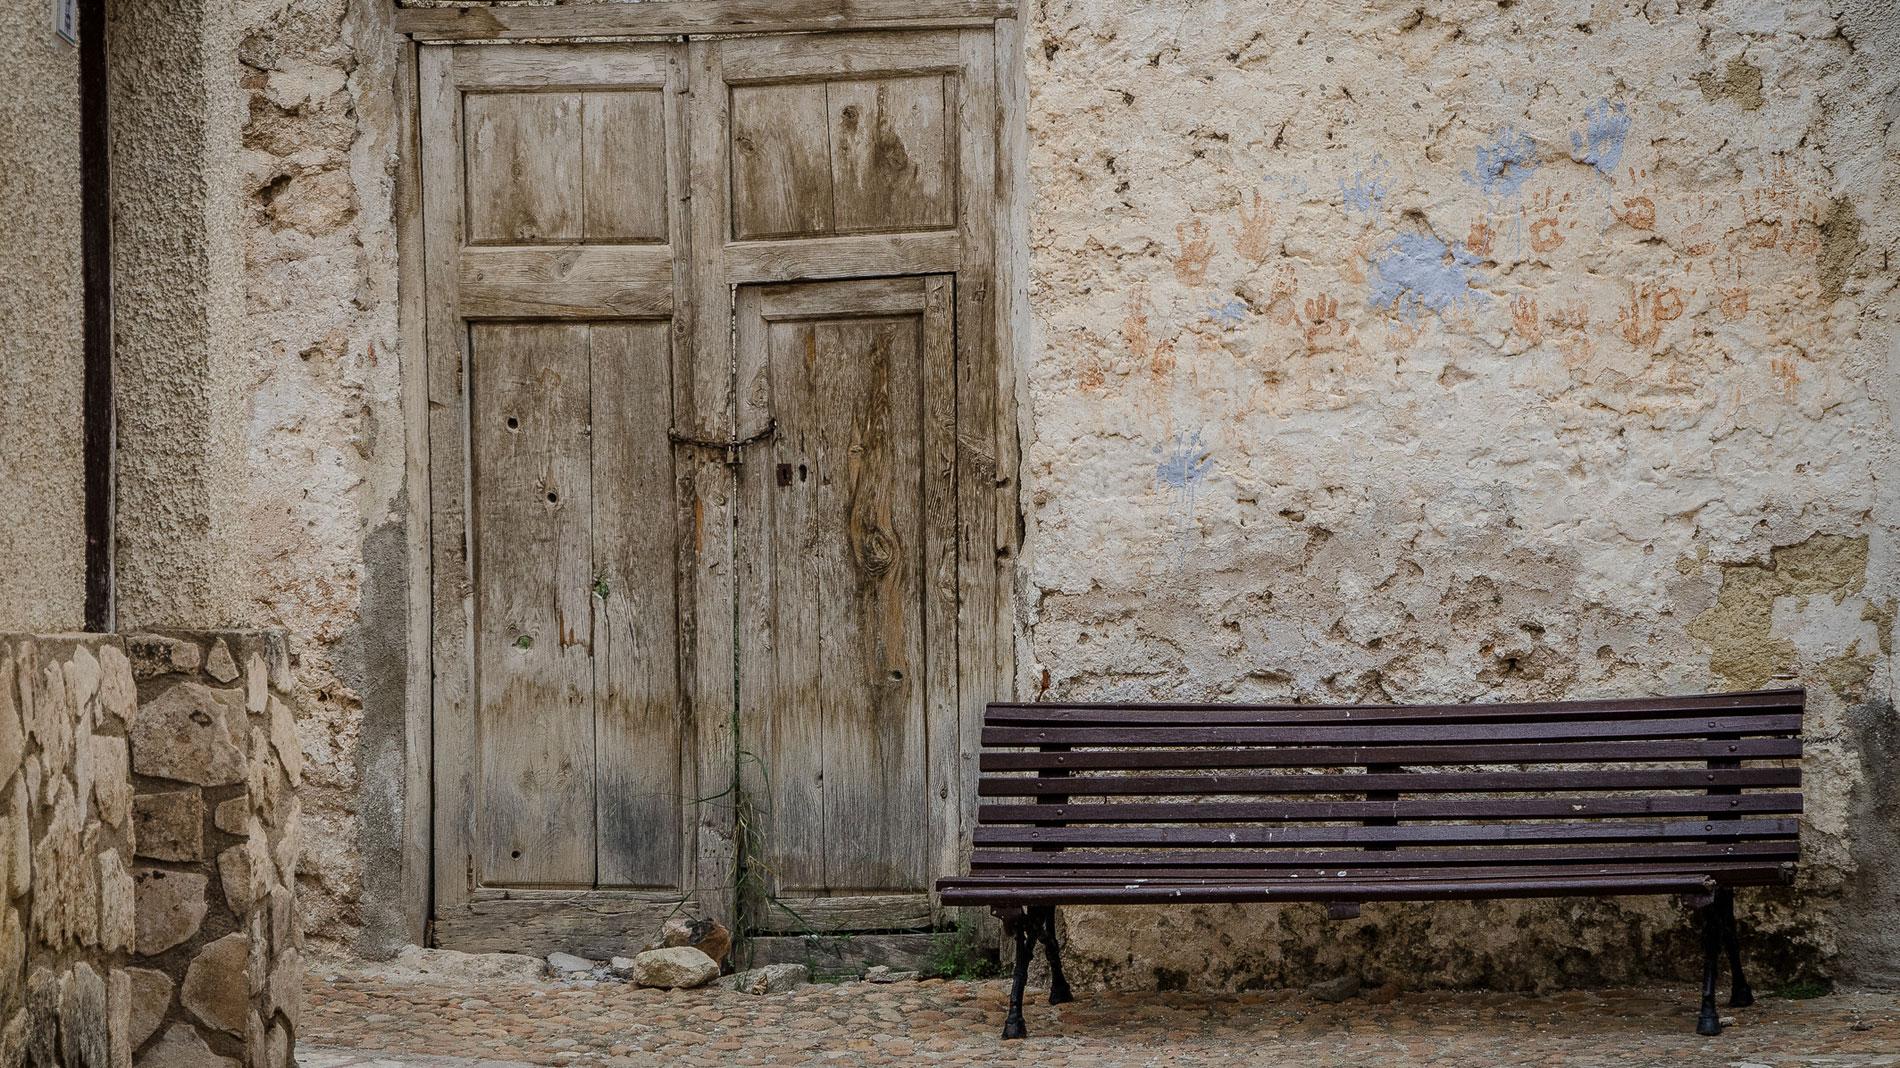 En España Existen 3 000 Pueblos Abandonados Rtve Es